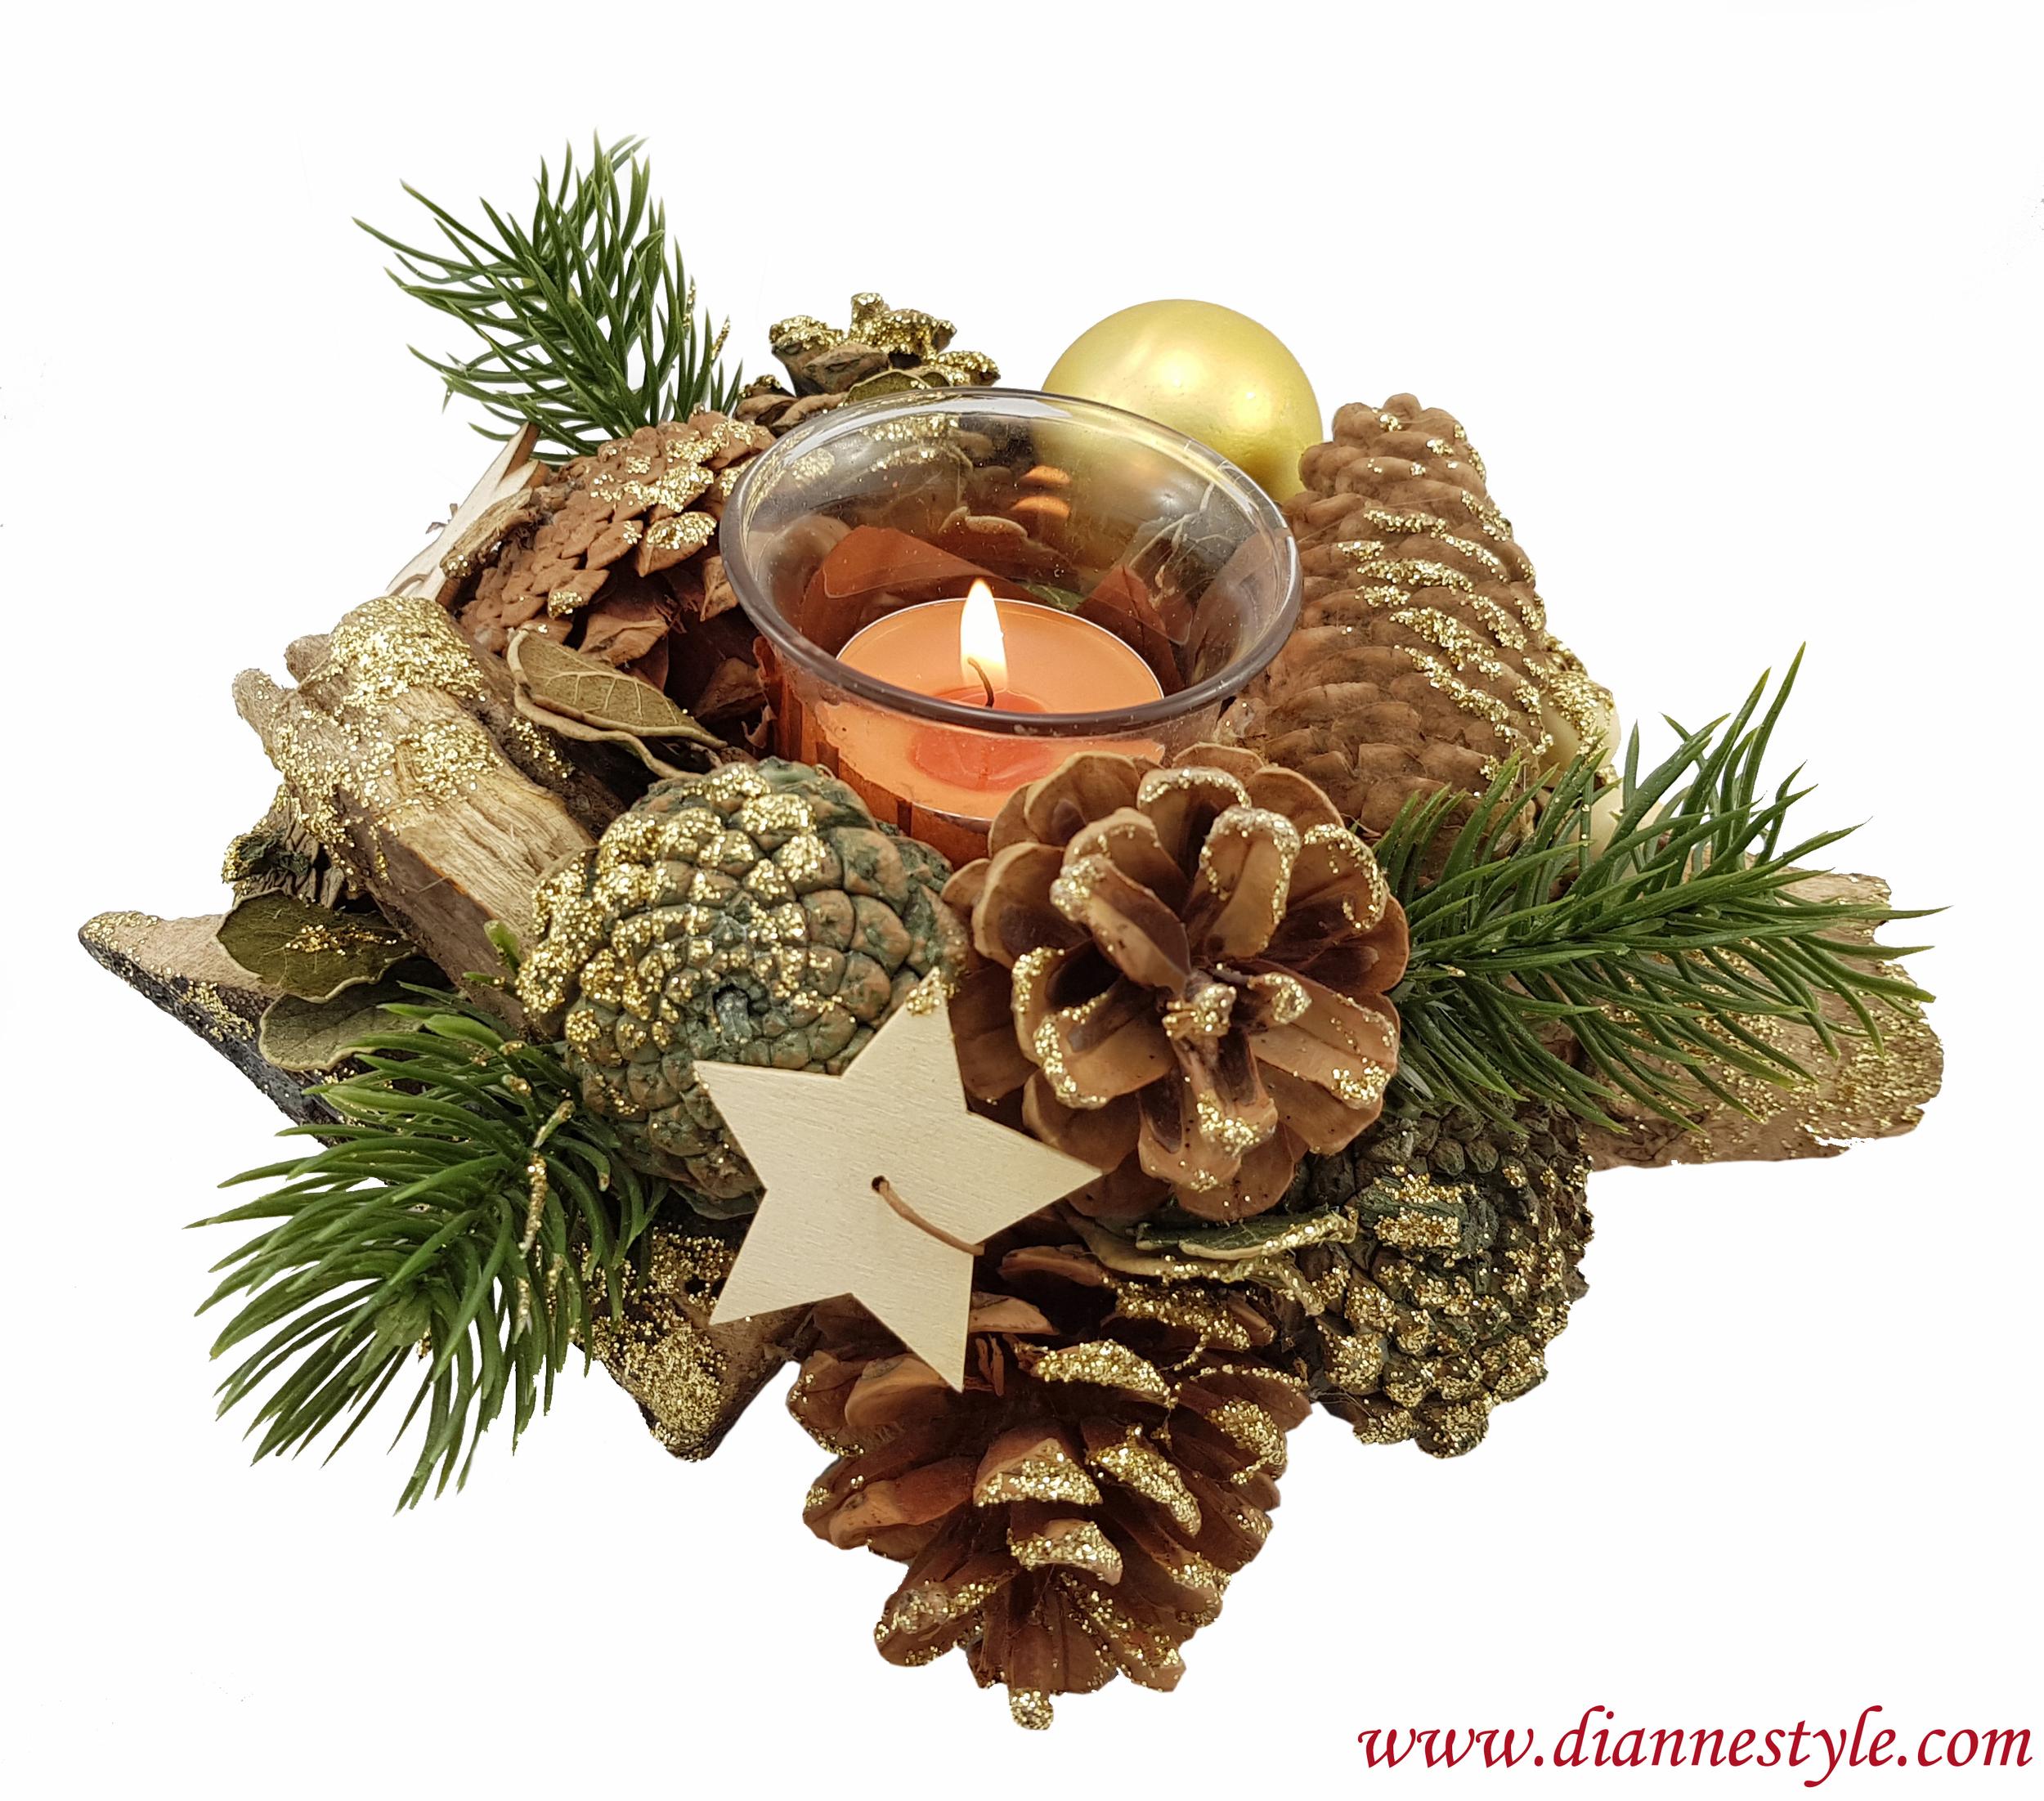 Décoration de Noël ronde. Brune et dorée. Réf. 280